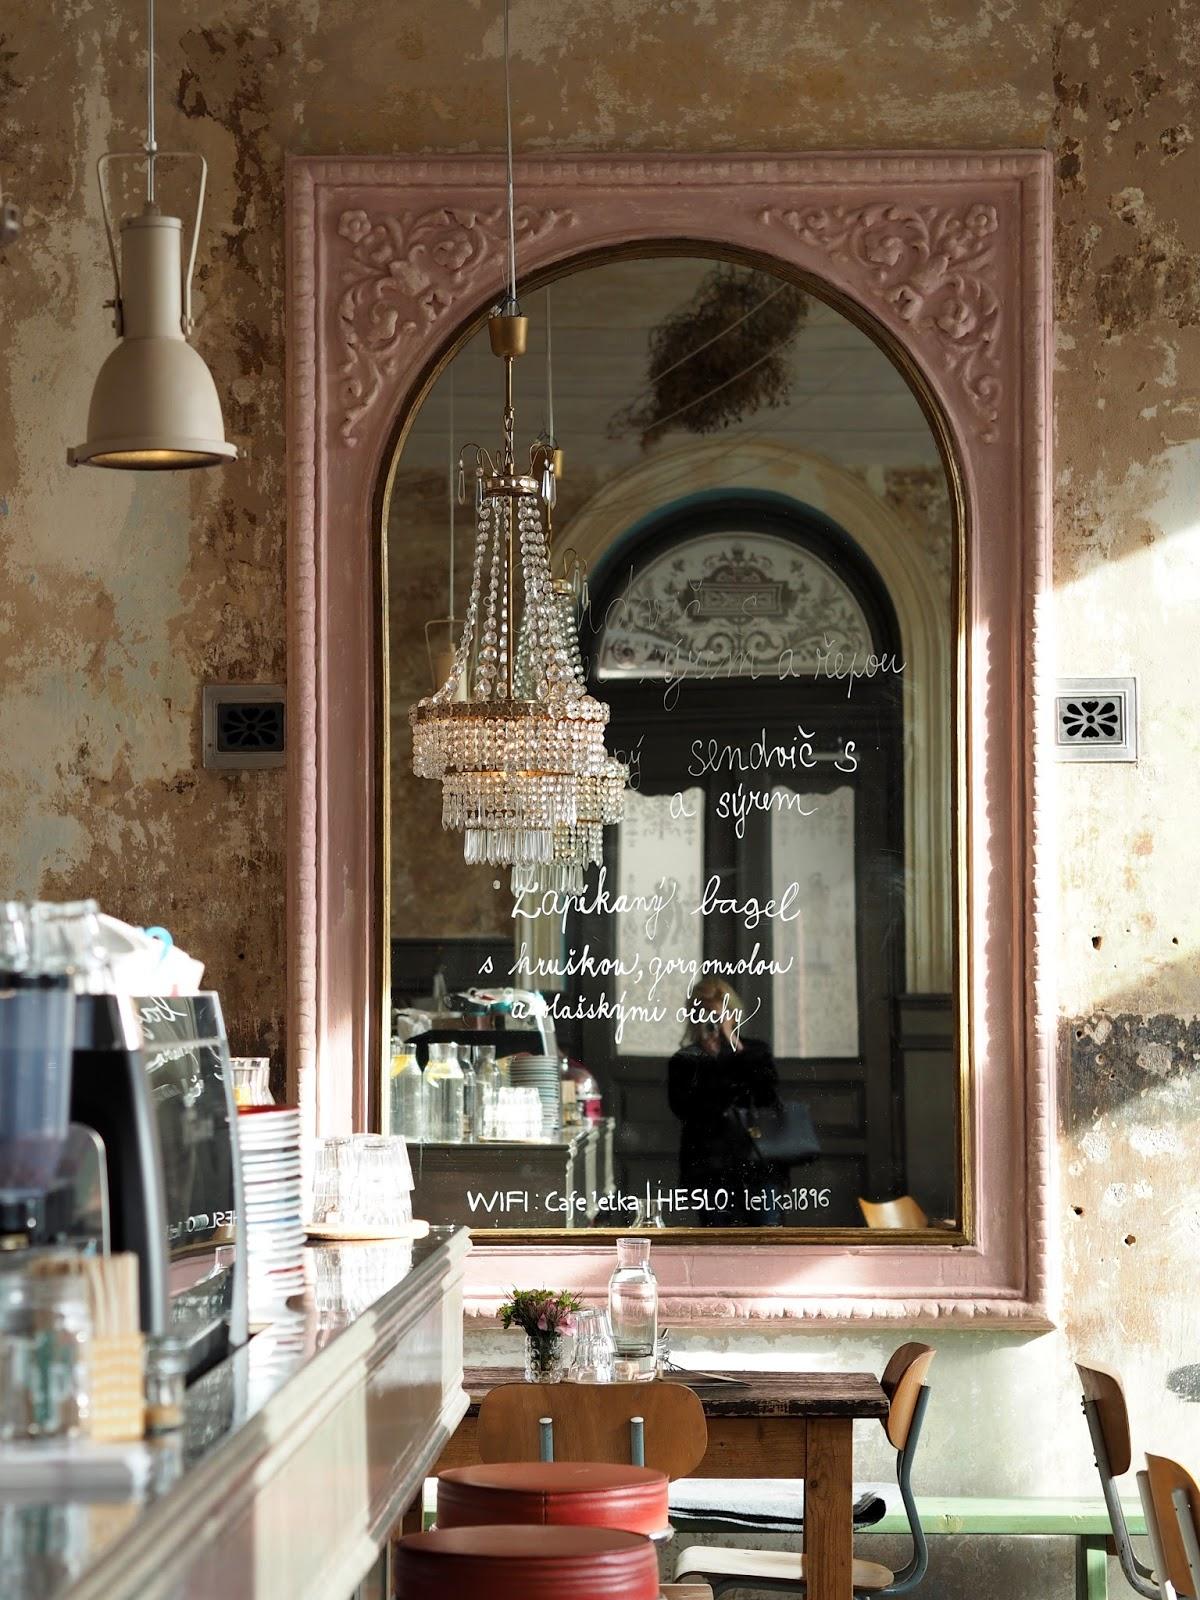 nejlepší kavárny Praha cafe letka